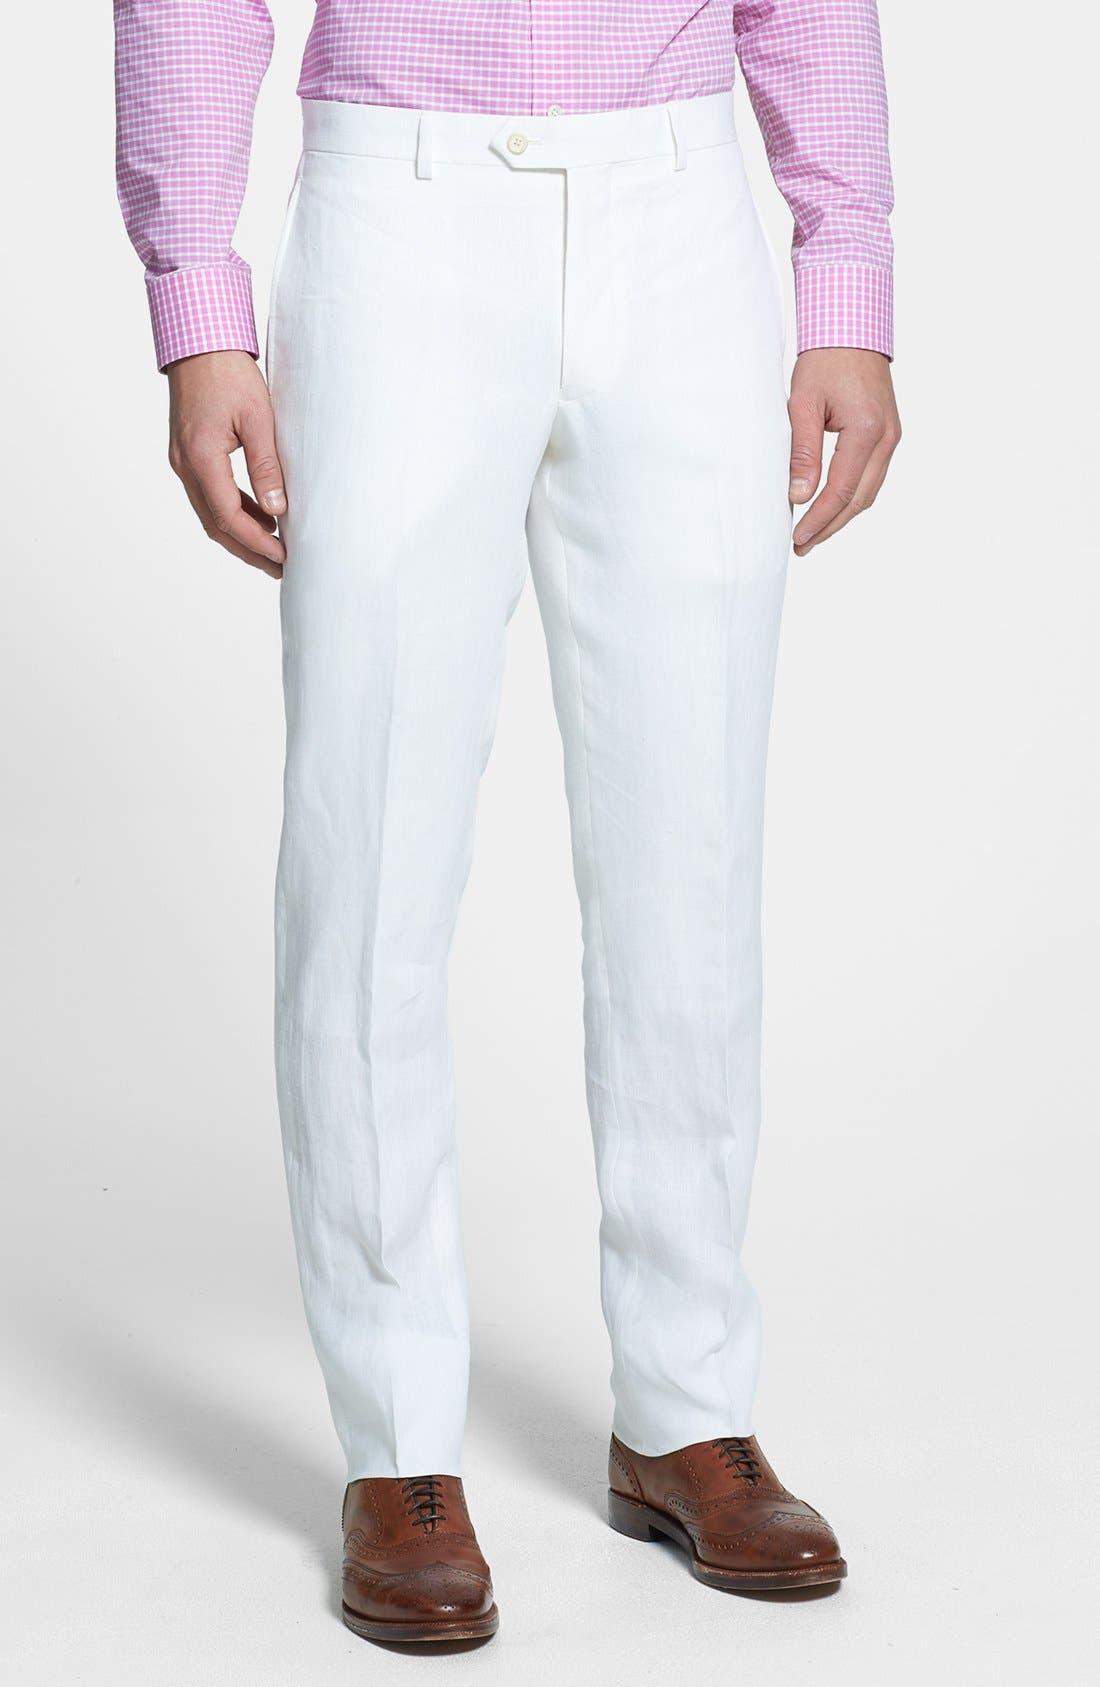 NORDSTROM MEN'S SHOP Flat Front Slim Leg Linen Trousers, Main, color, 100